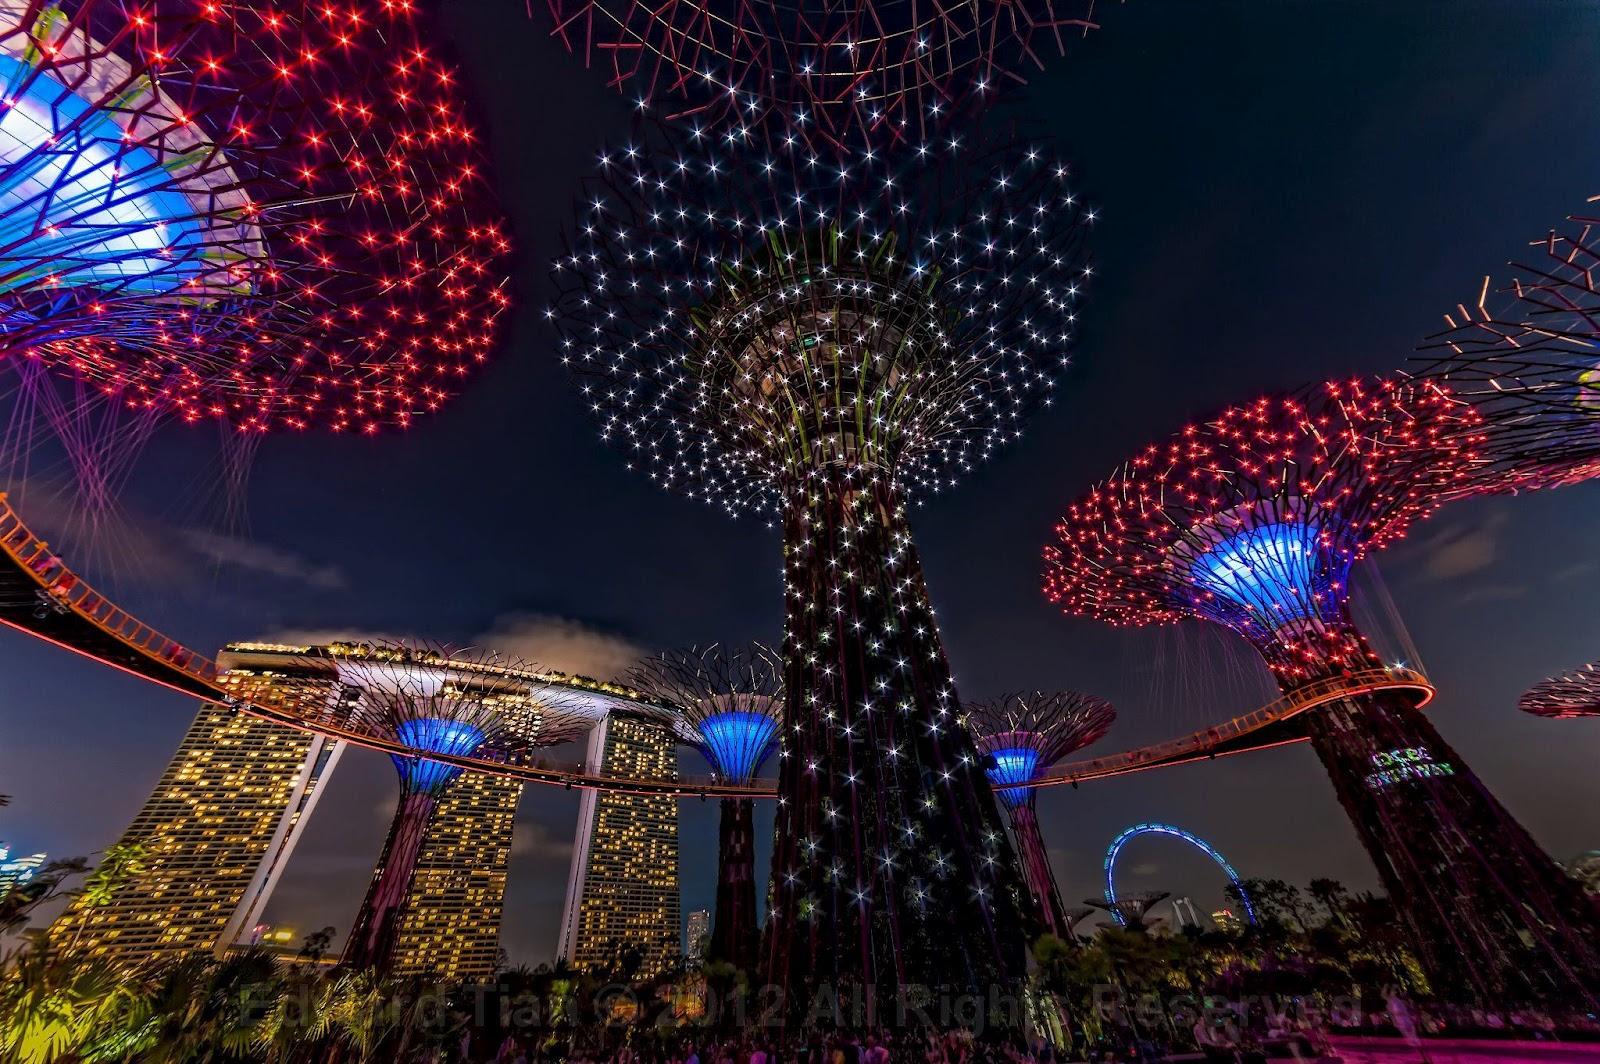 Circuito Singapur : Singapur: inauguraciÓn de los jardines futuristas de la bahia